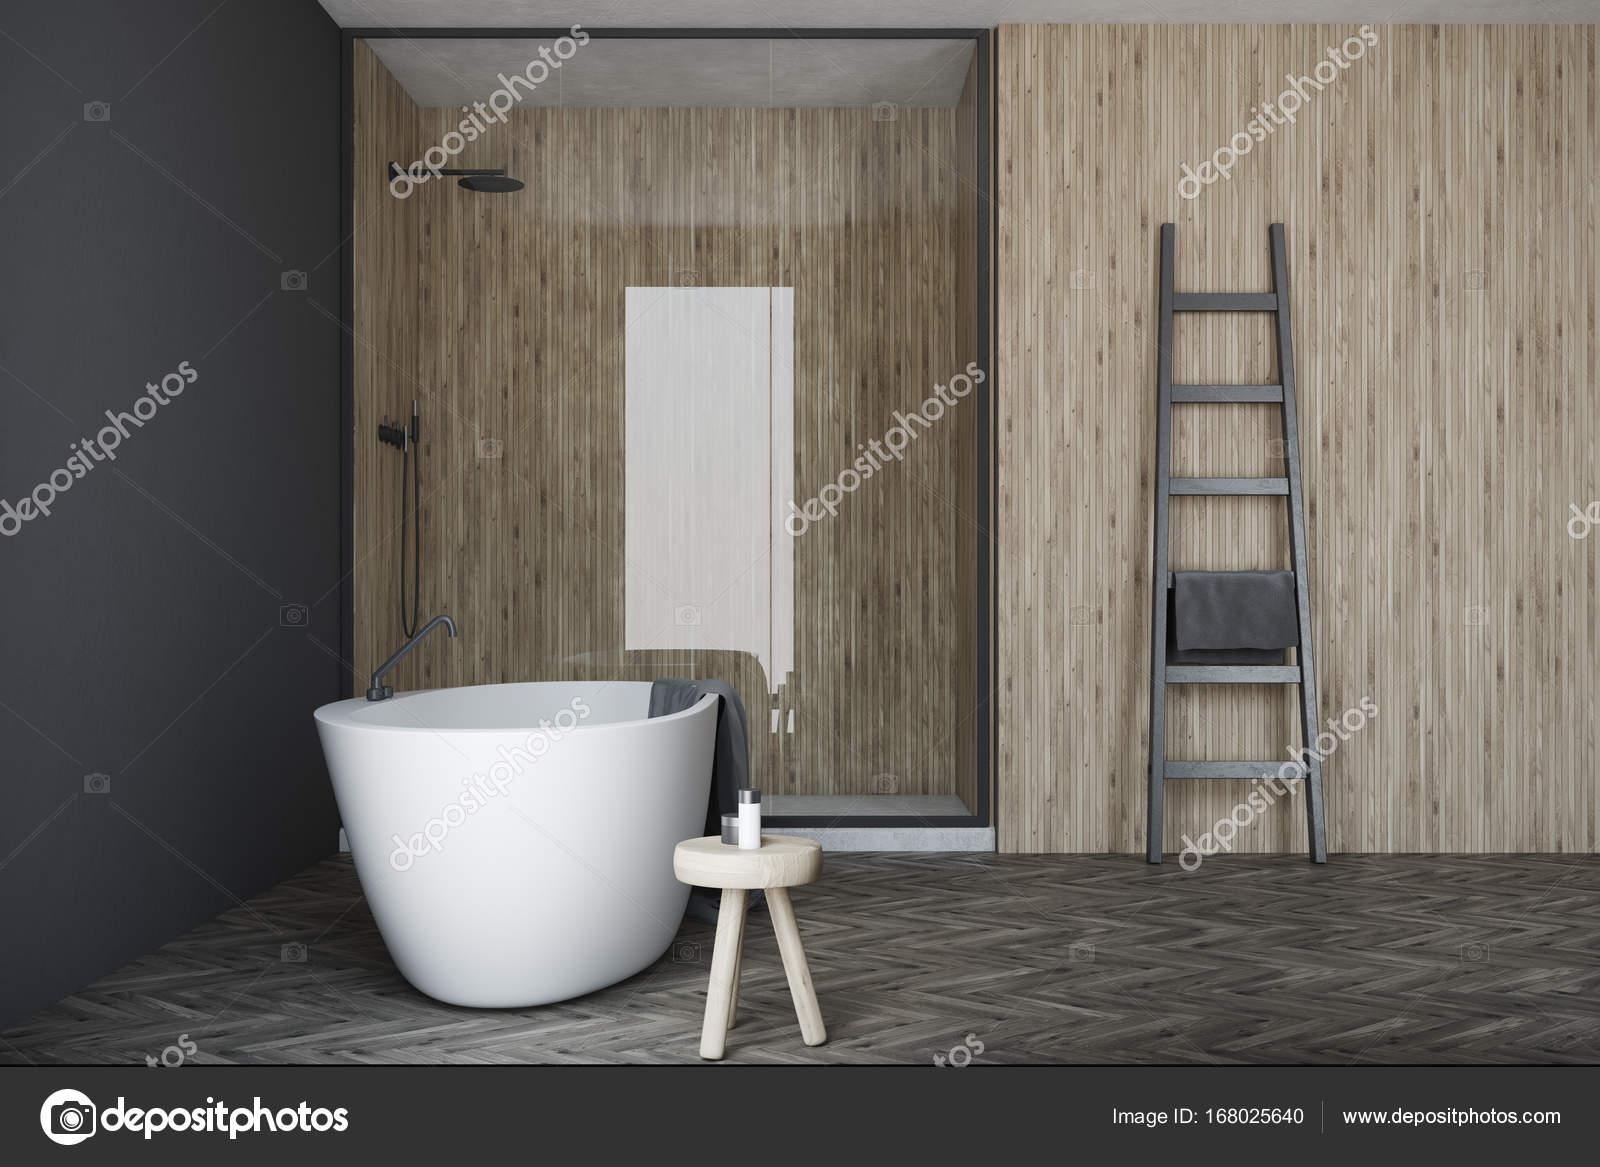 Bagno Legno E Grigio : Bagno grigio e in legno vasca bianca doccia u2014 foto stock